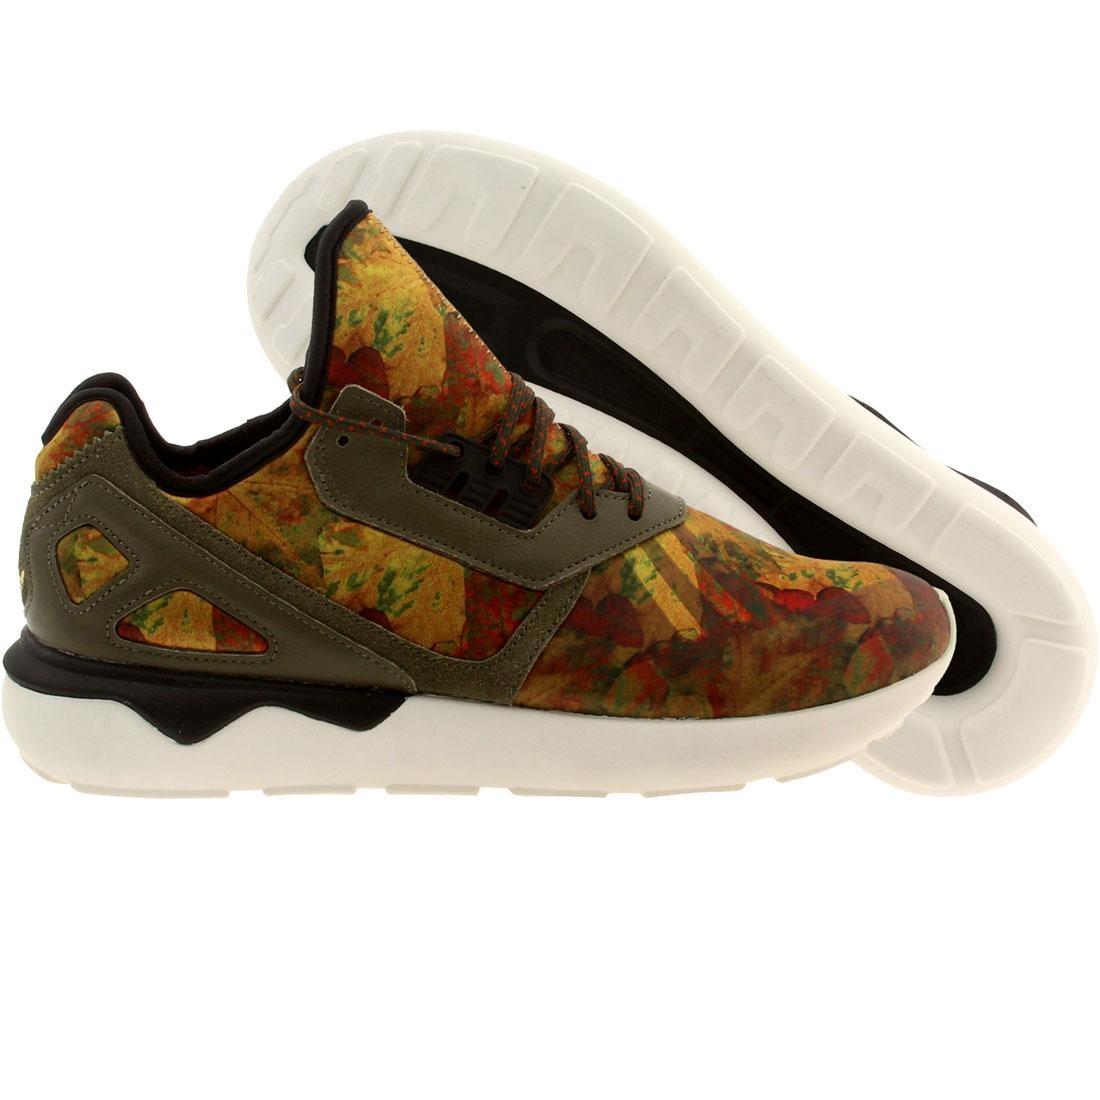 【海外限定】アディダス メンズ靴 スニーカー 【 ADIDAS MEN TUBULAR RUNNER LEAF CAMO RED DRKCAR FOXRED 】